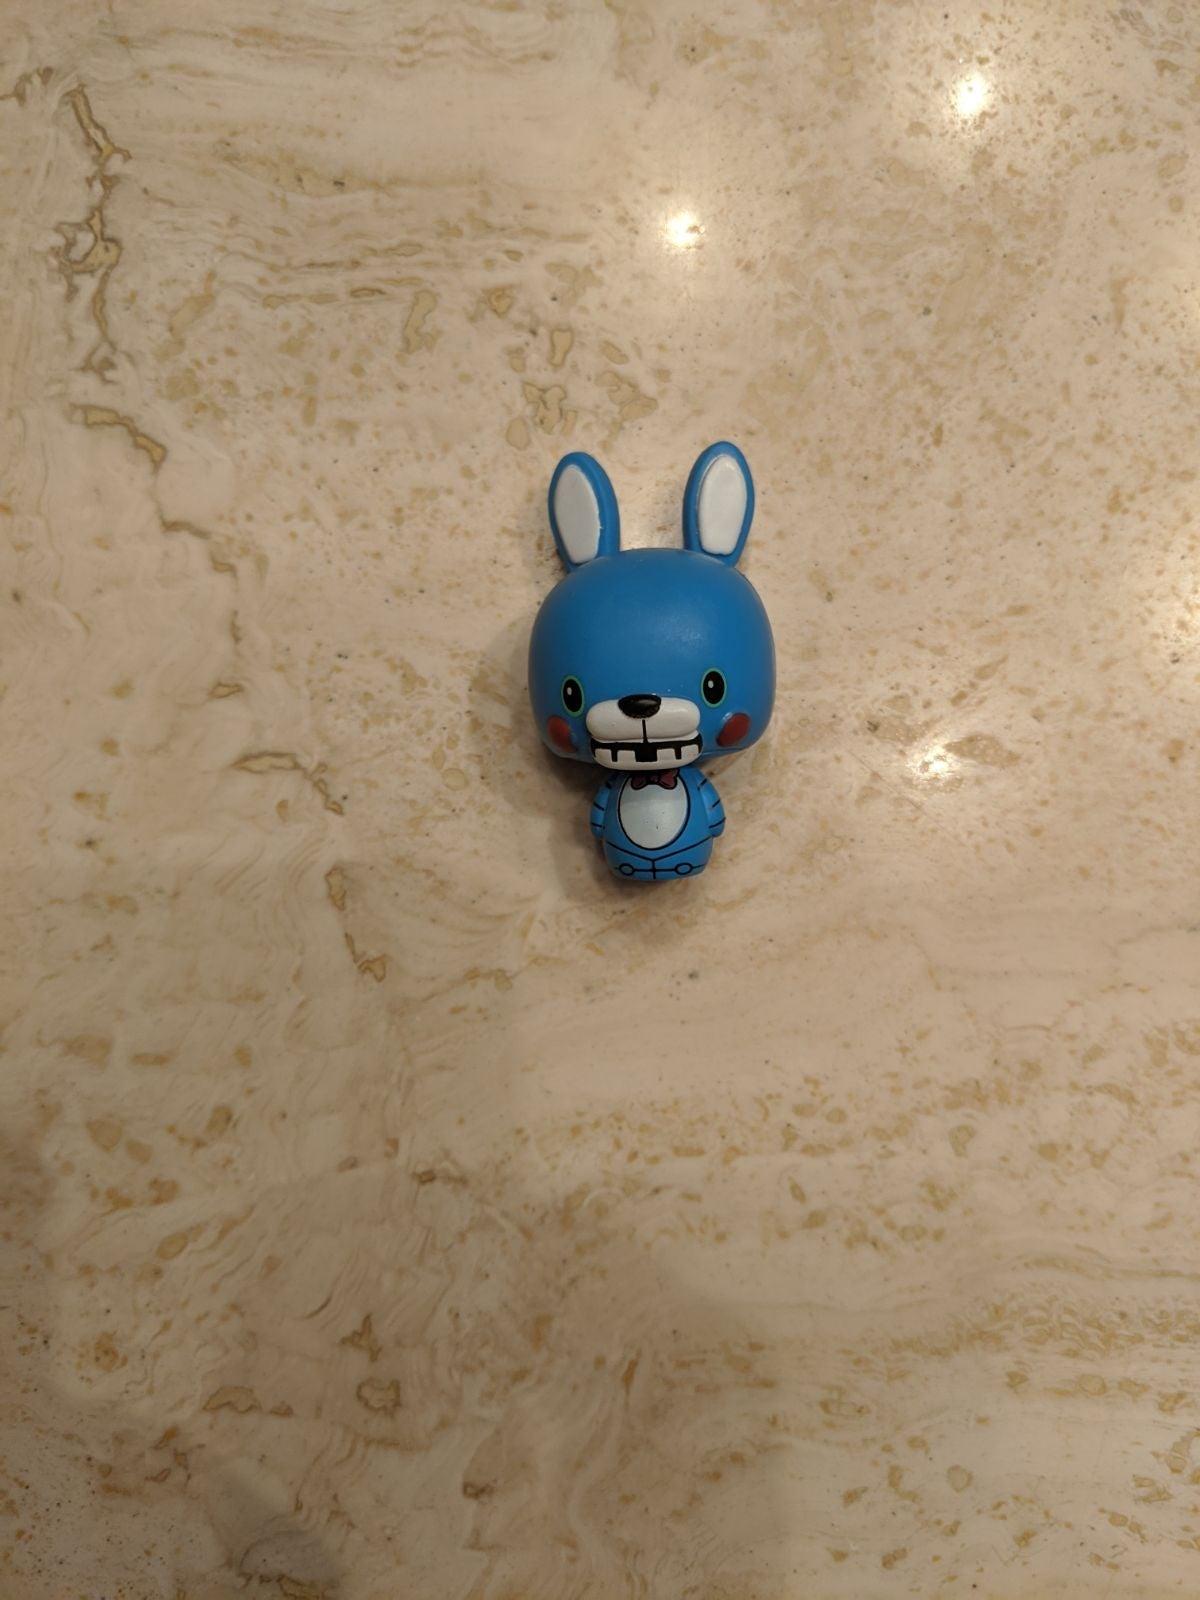 FNAF toy Bonnie pint size hero